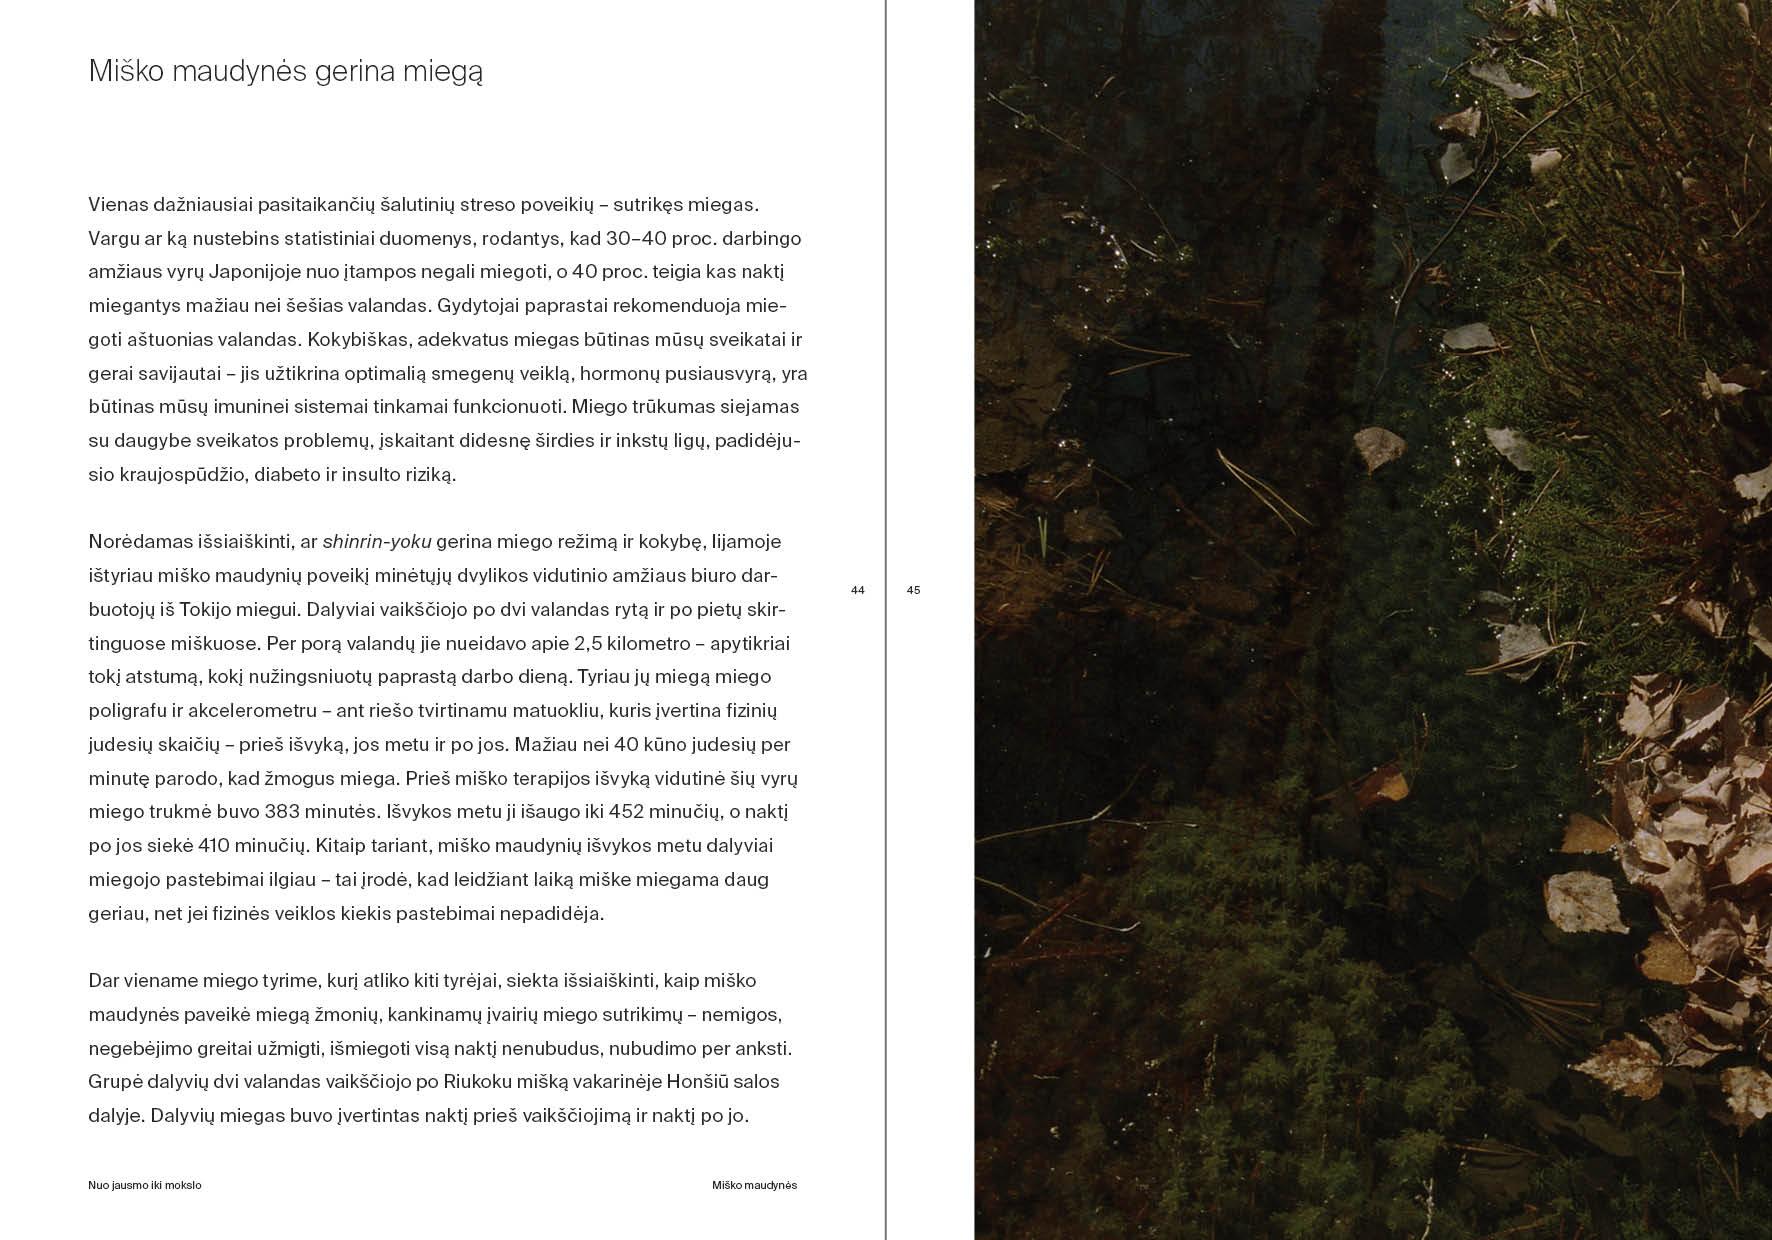 Miško maudynės 6